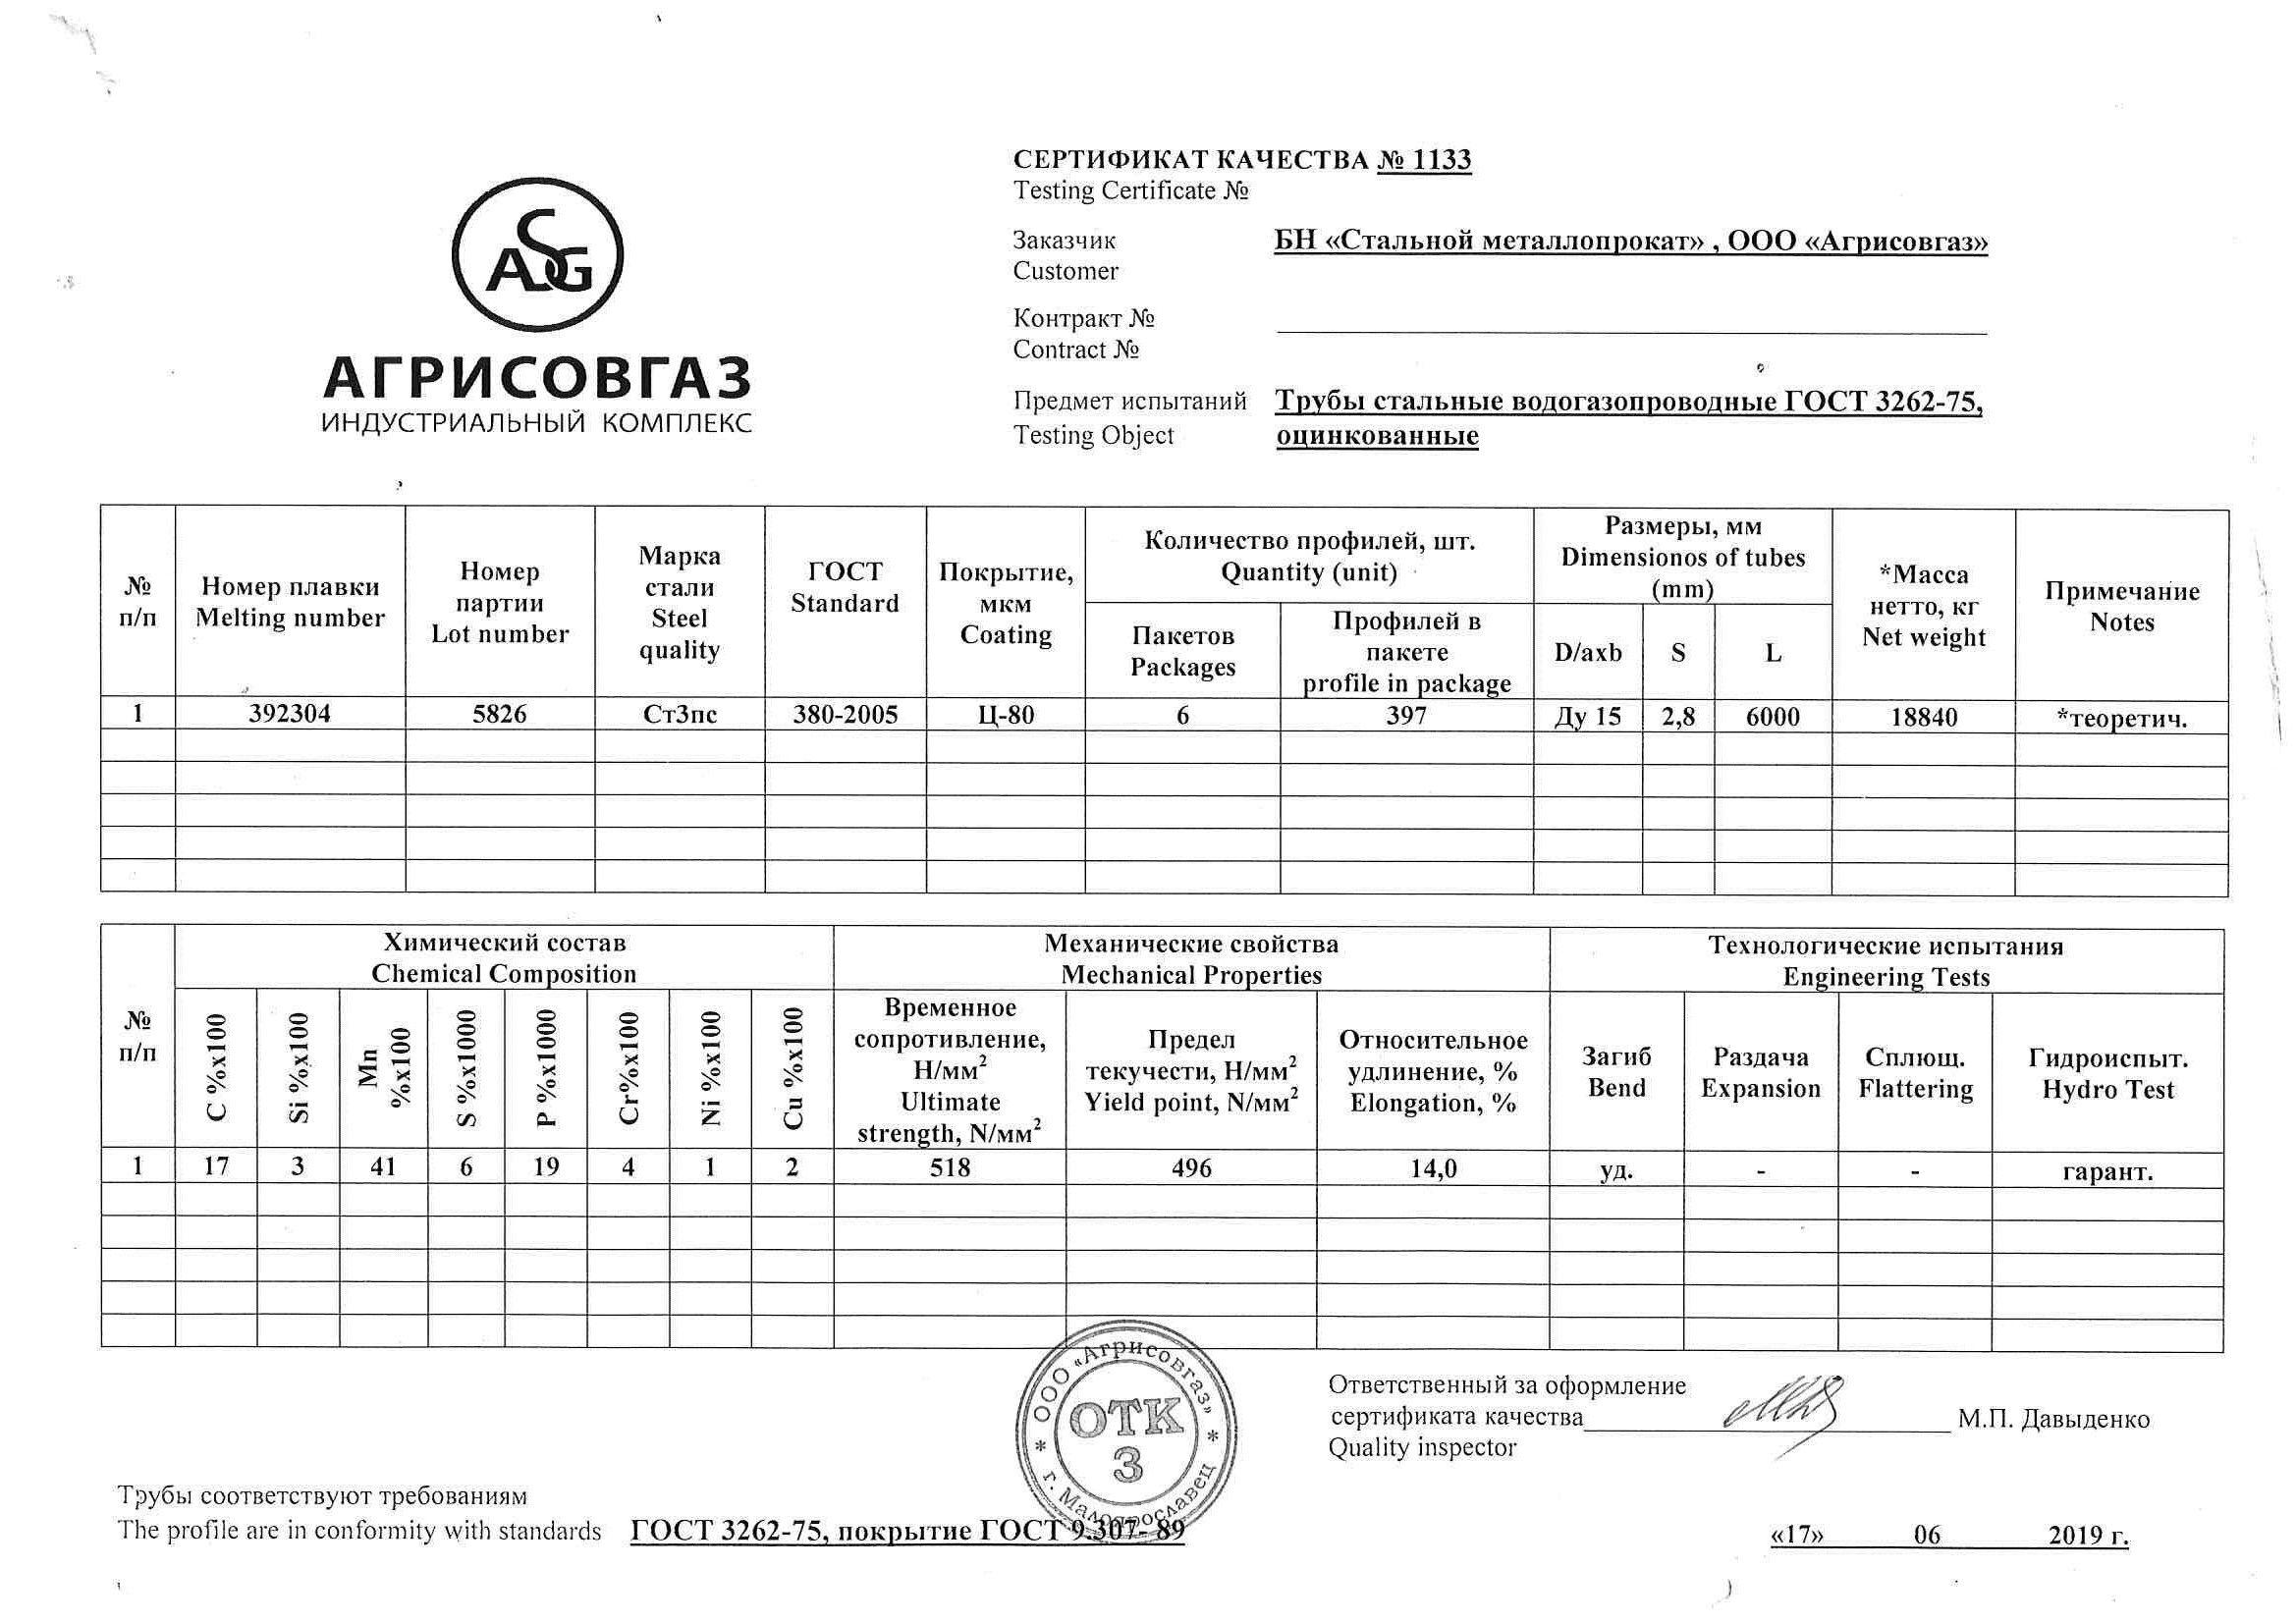 Труба вгп оцинкованная 15х2,8 сертификат